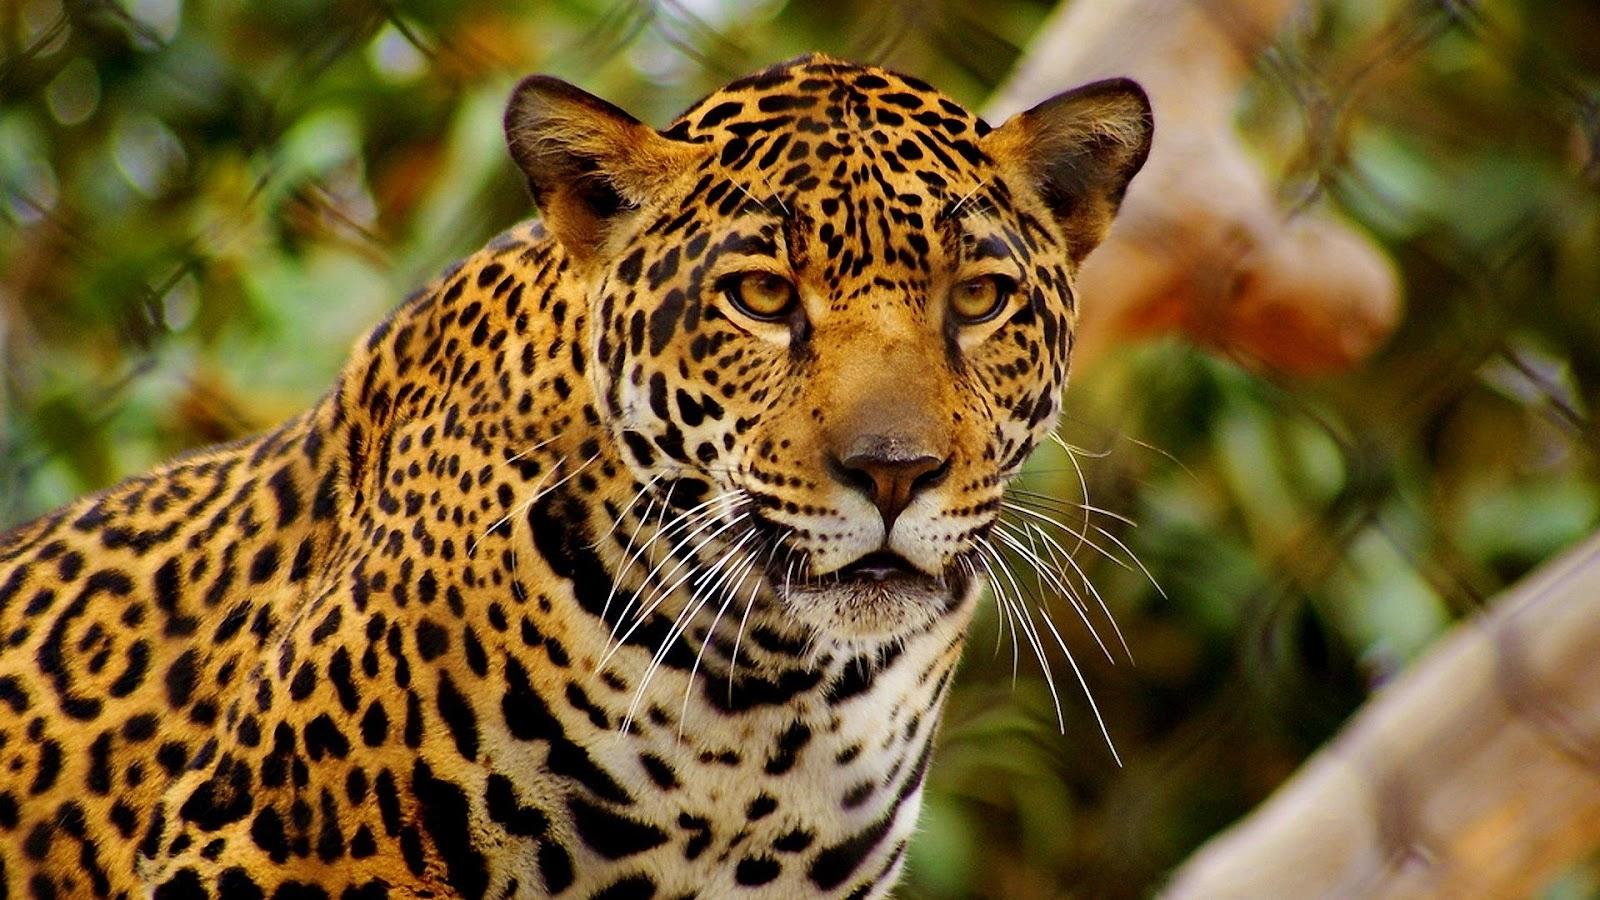 imagenes de jaguares animales - Piden investigar fotos de la cacería de un jaguar